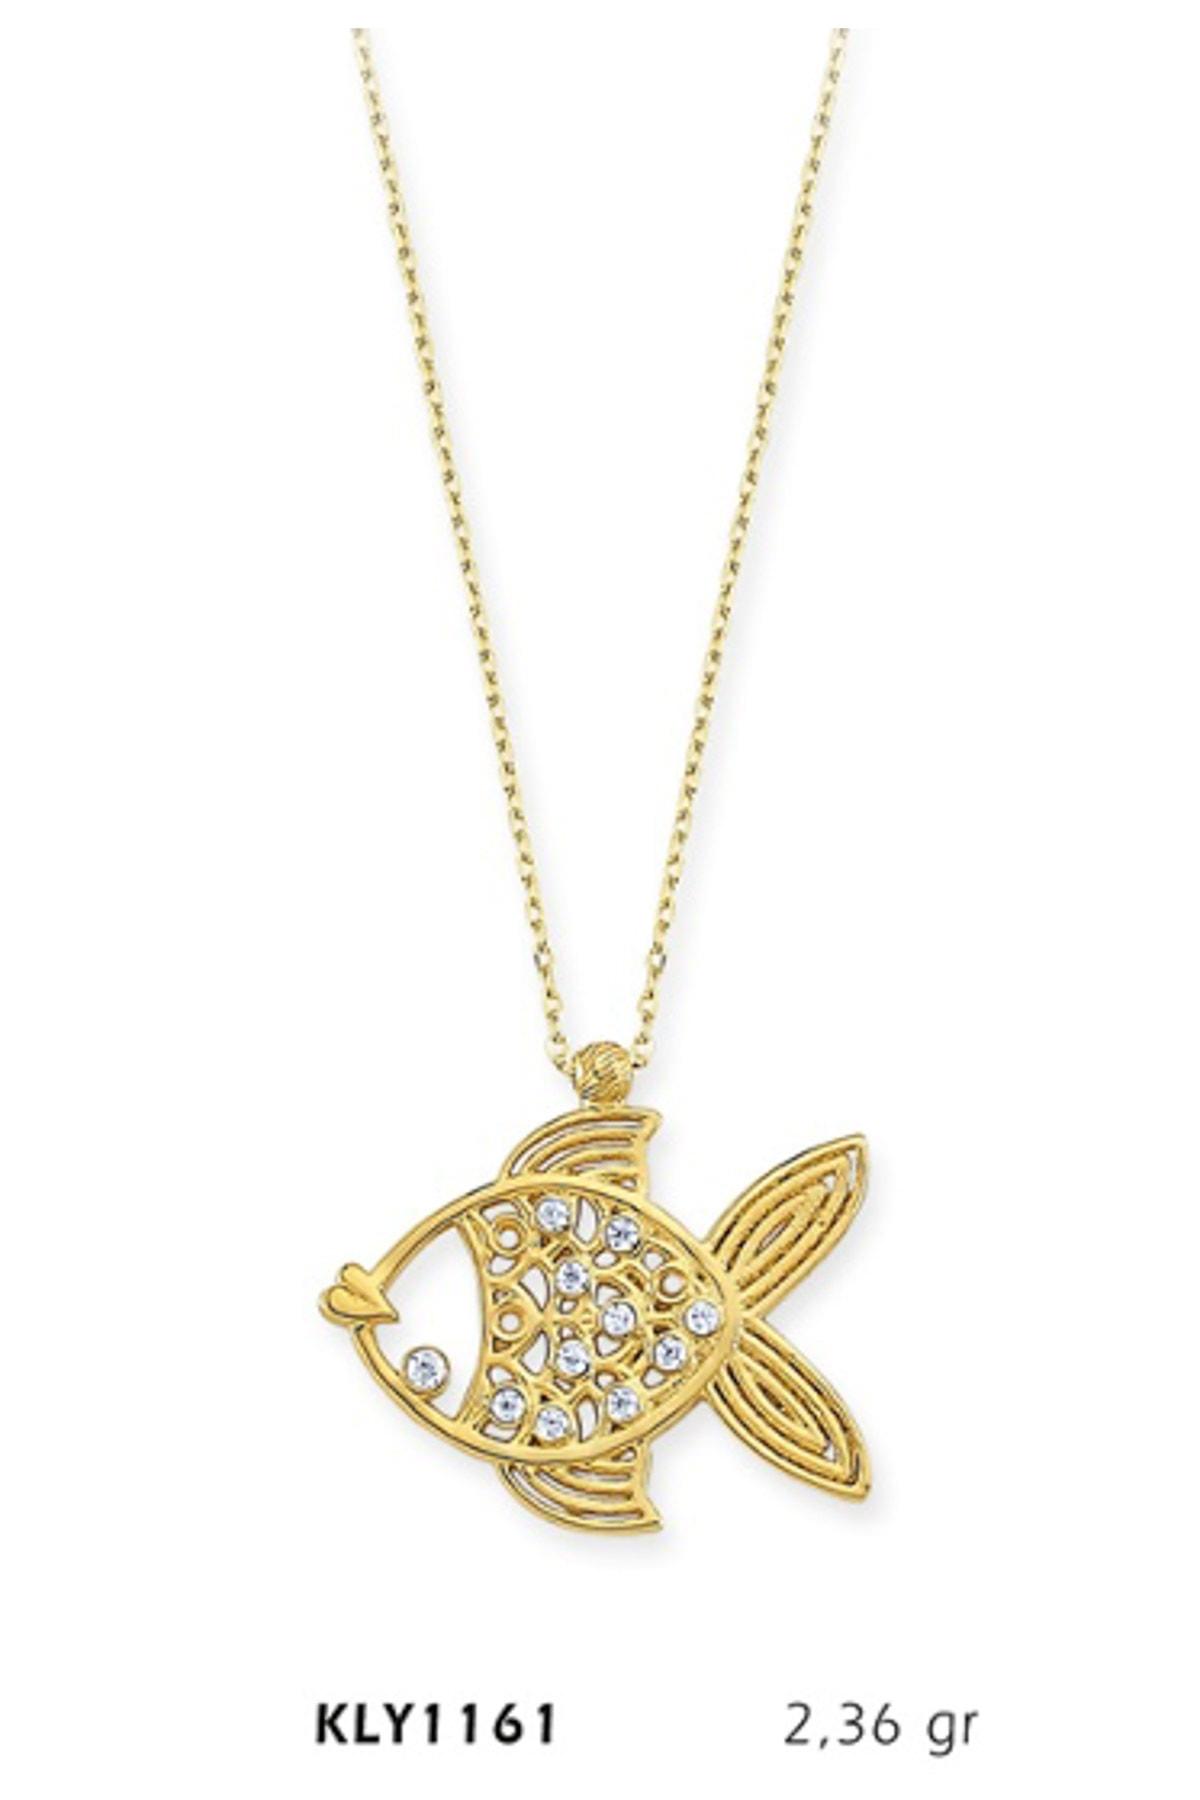 Harem Altın 14 Ayar Altın Balık Kolye KLY1161 1